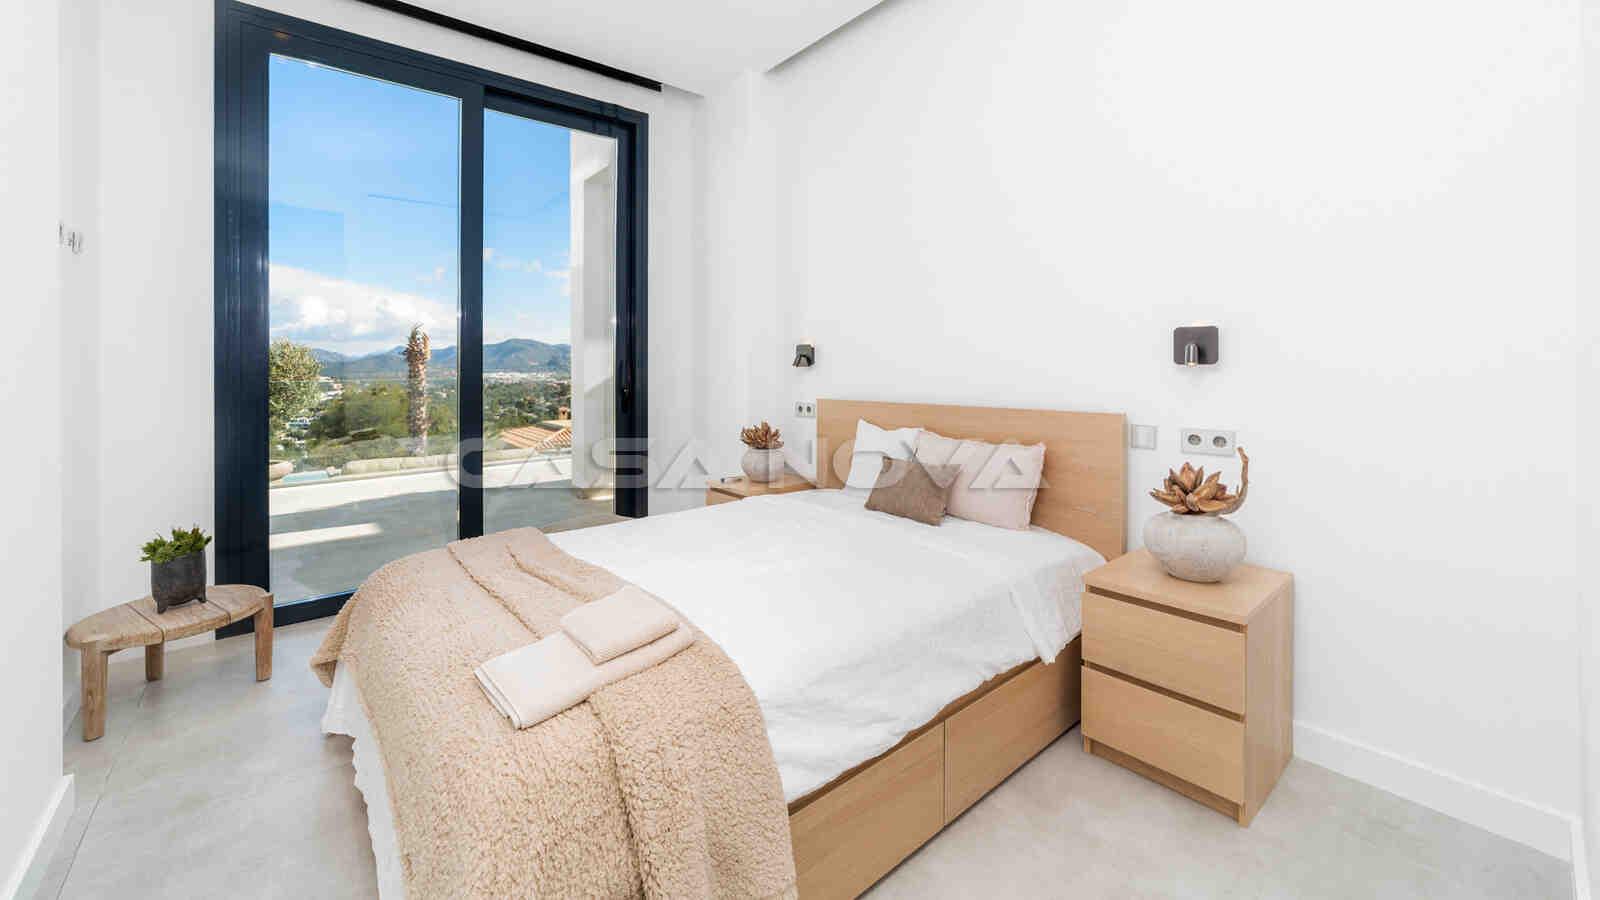 Ref. 2402254 - Luxoriöses Schlafzimmer mit offener Terrasse